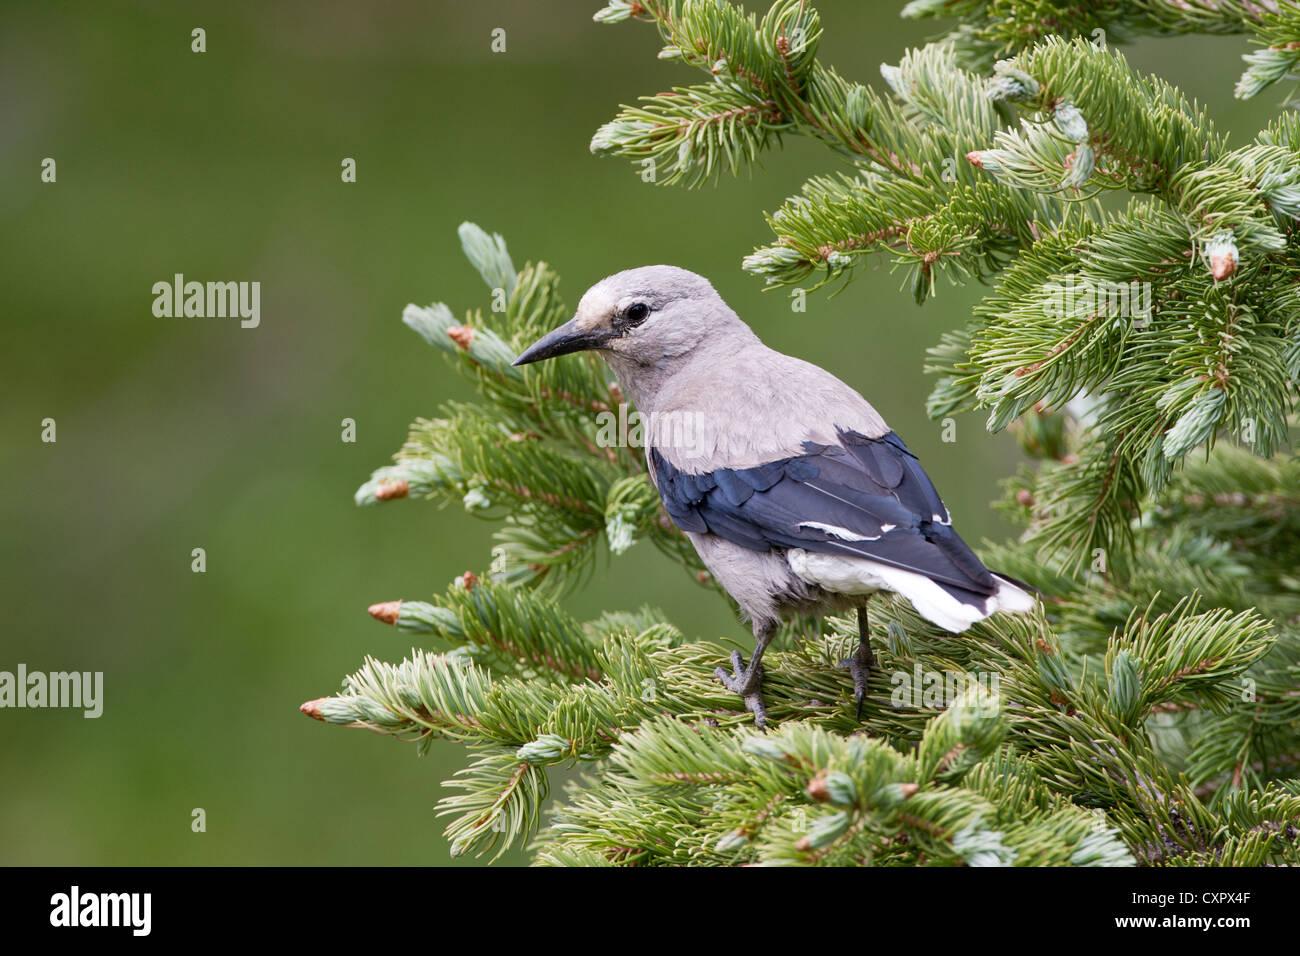 Clark's Nutcracker in Spruce Tree - Stock Image